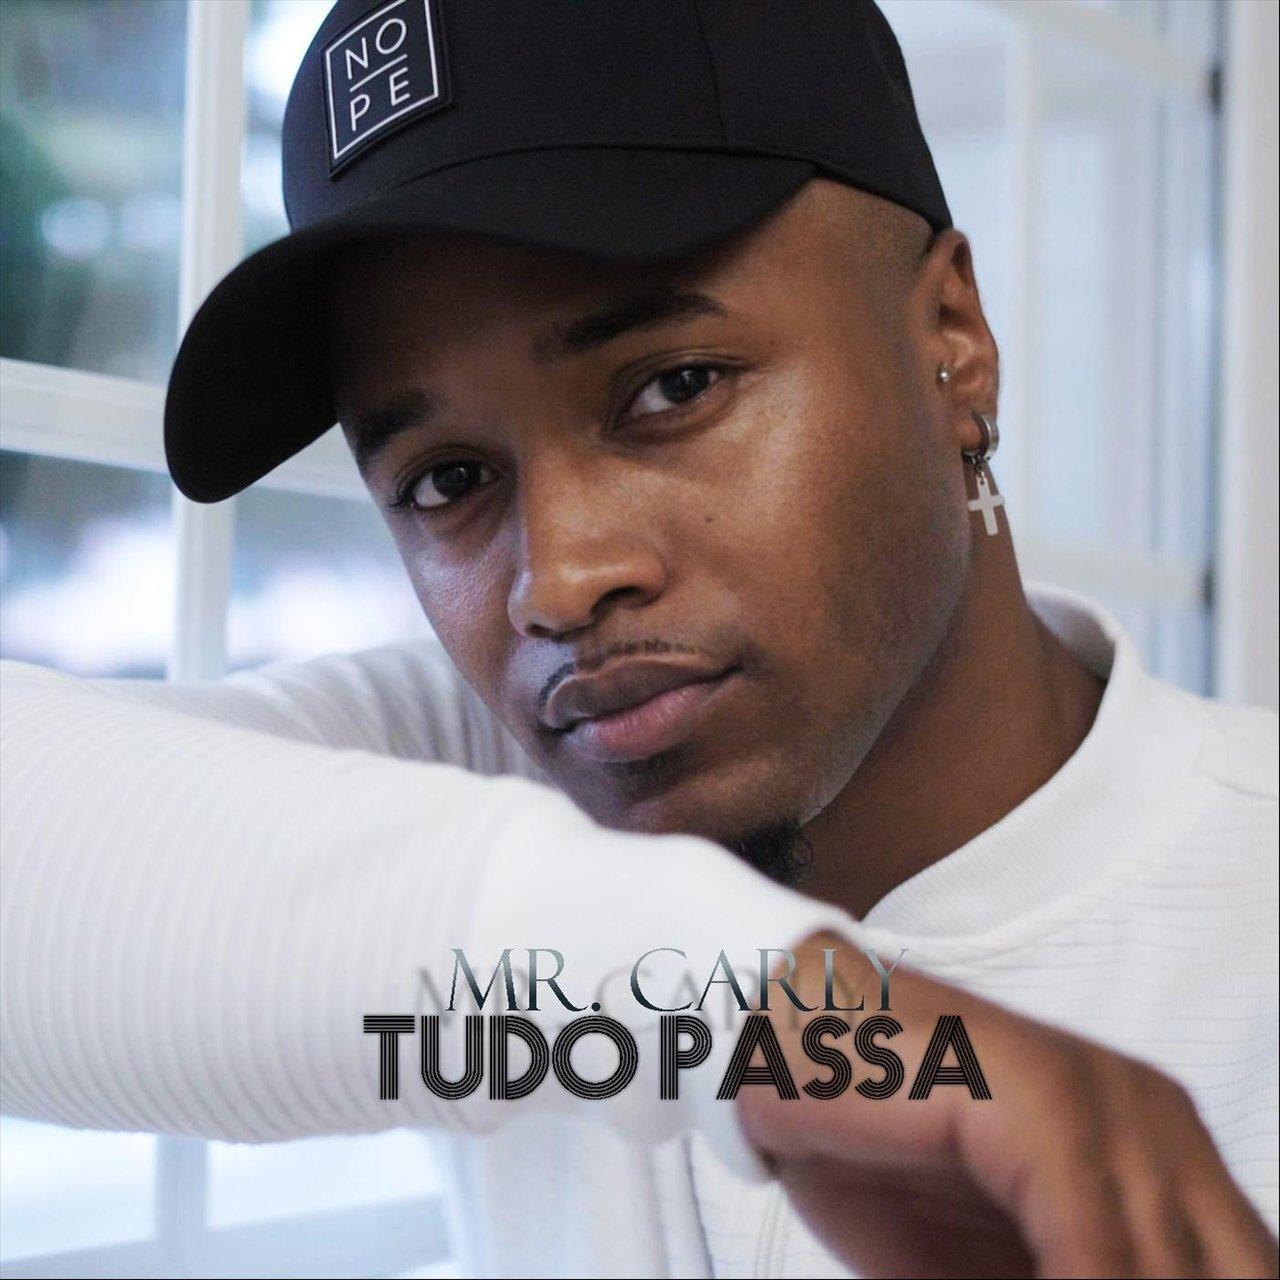 Mr. Carly - Tudo Passa